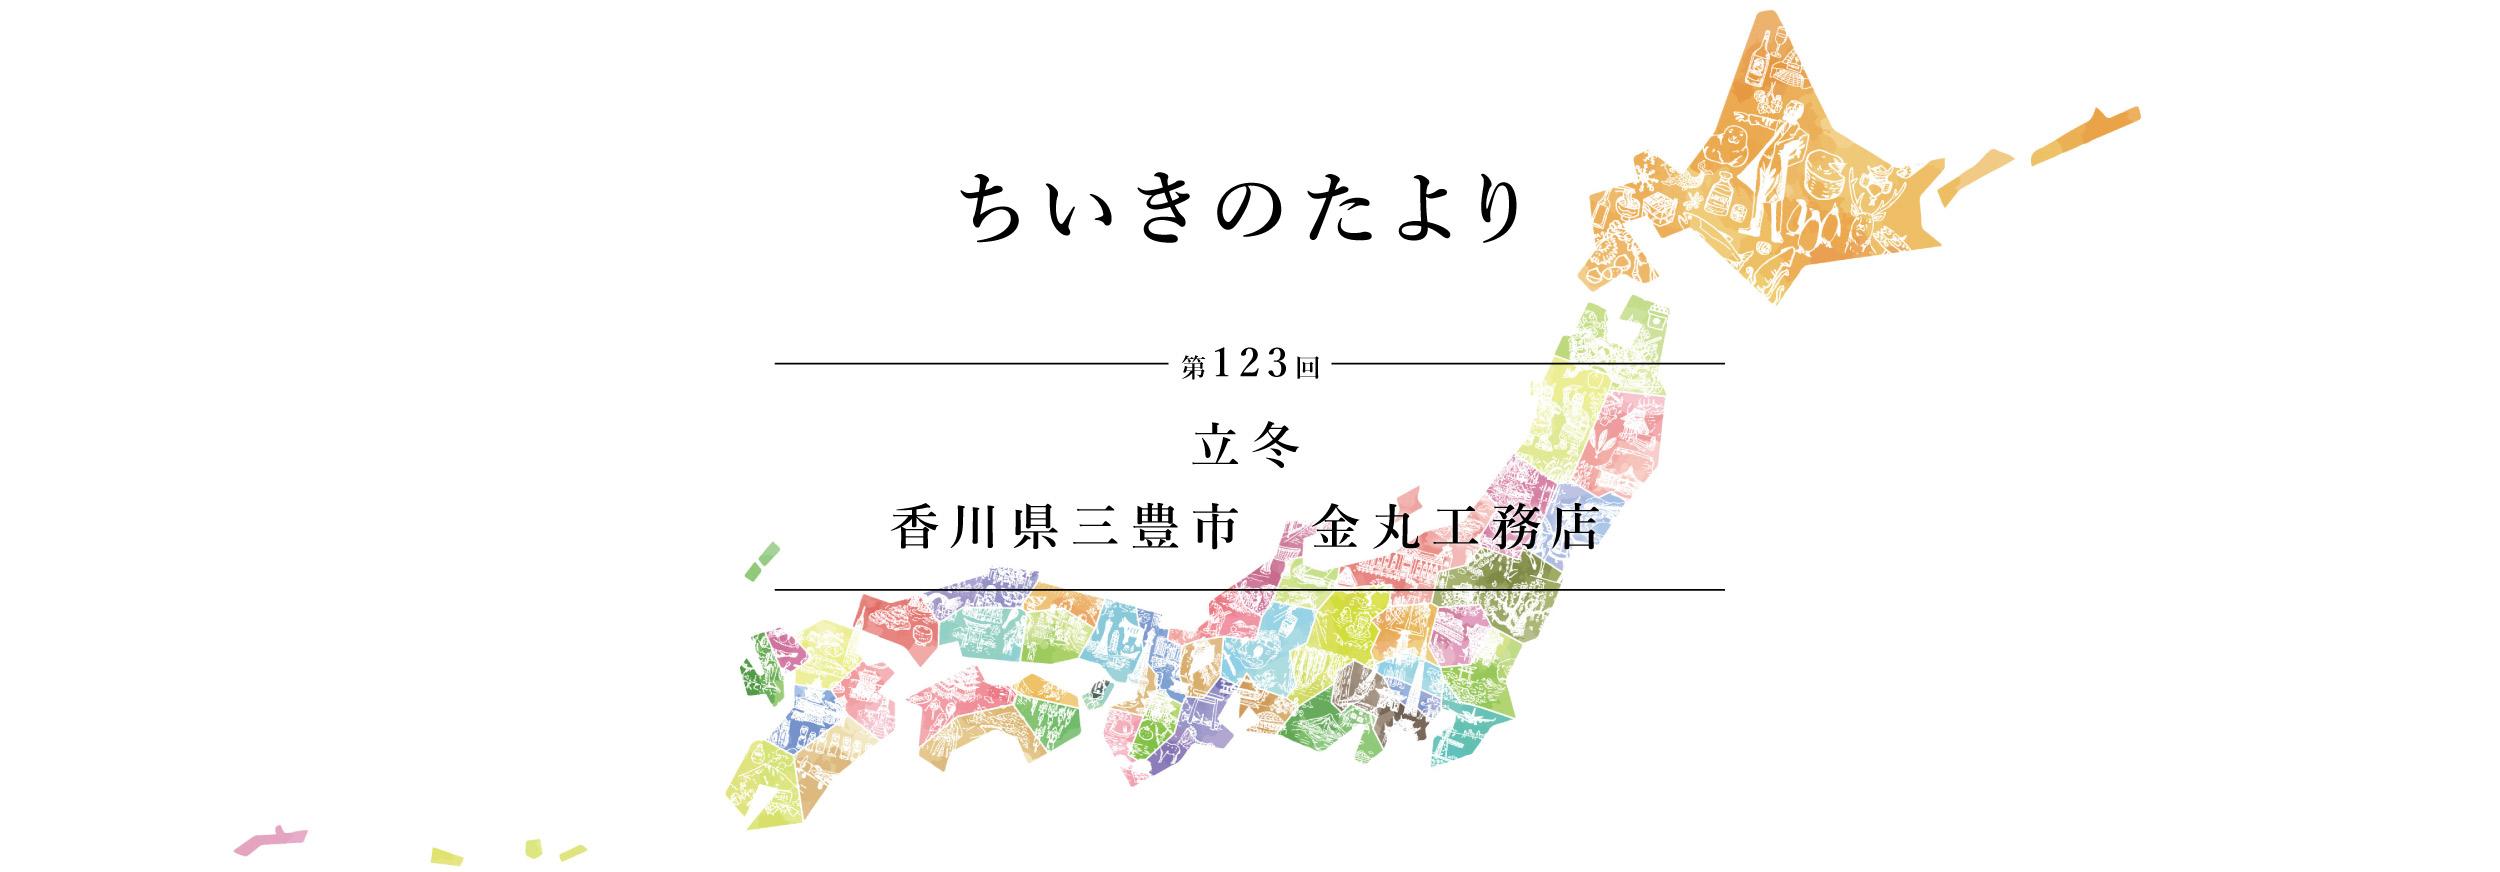 ちいきのたより第123回立冬香川県三豊市金丸工務店